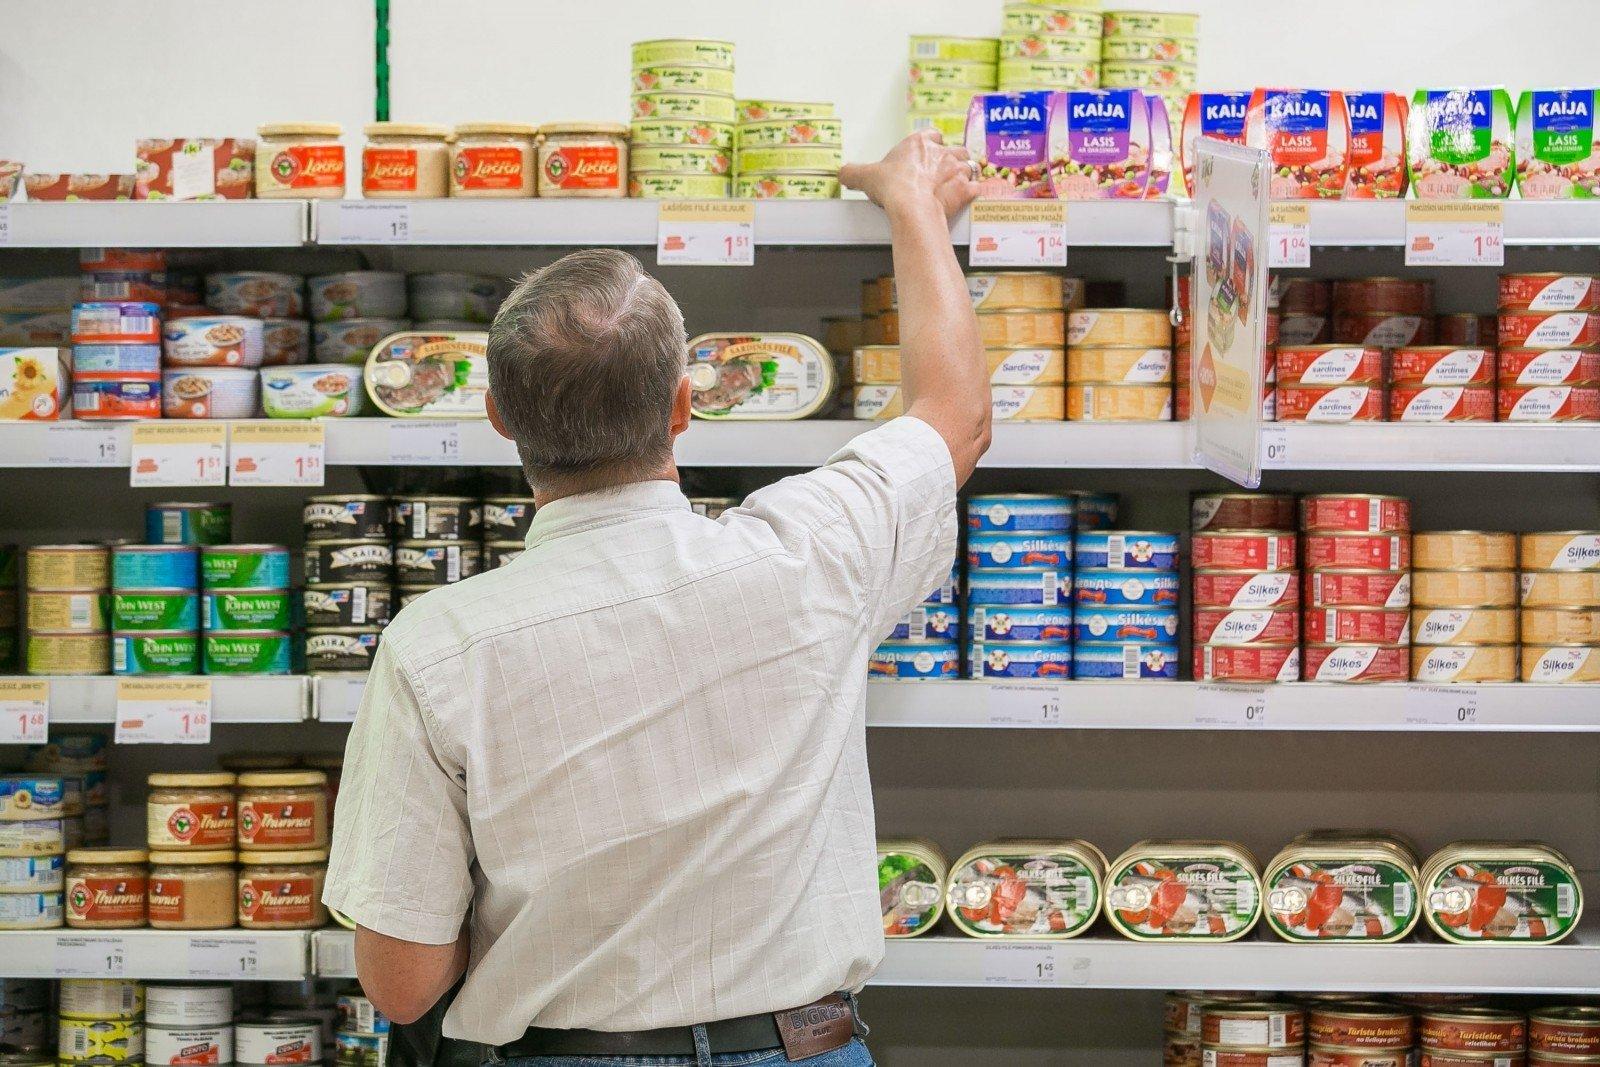 Apsipirkimas per akcijas: kodėl prekybos centrai pigiau parduoda maistą - DELFI